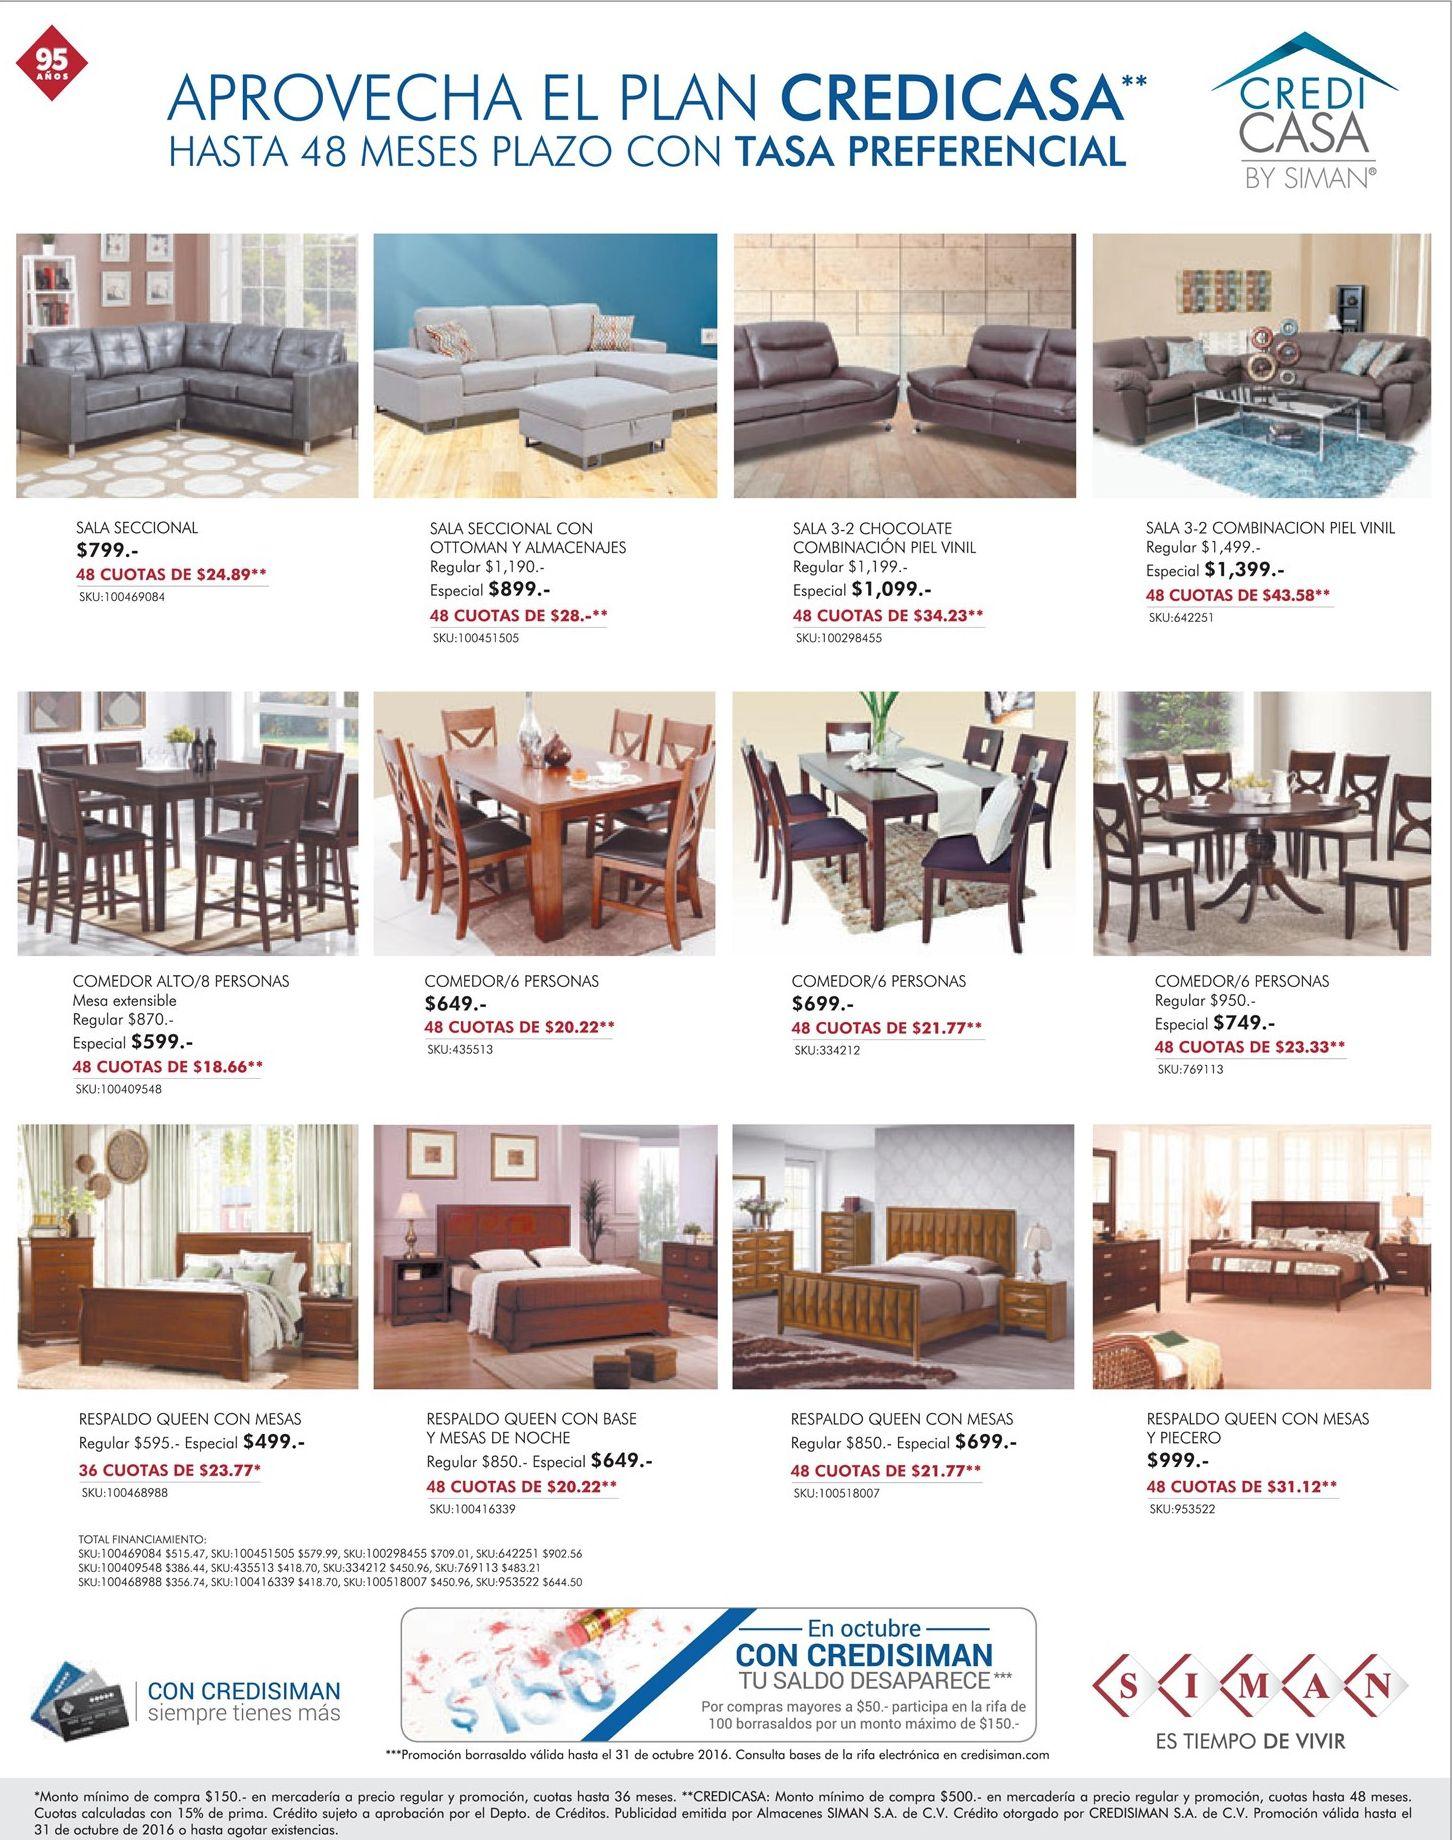 credito-en-siman-para-muebles-camas-y-juegos-de-sala-nuevos